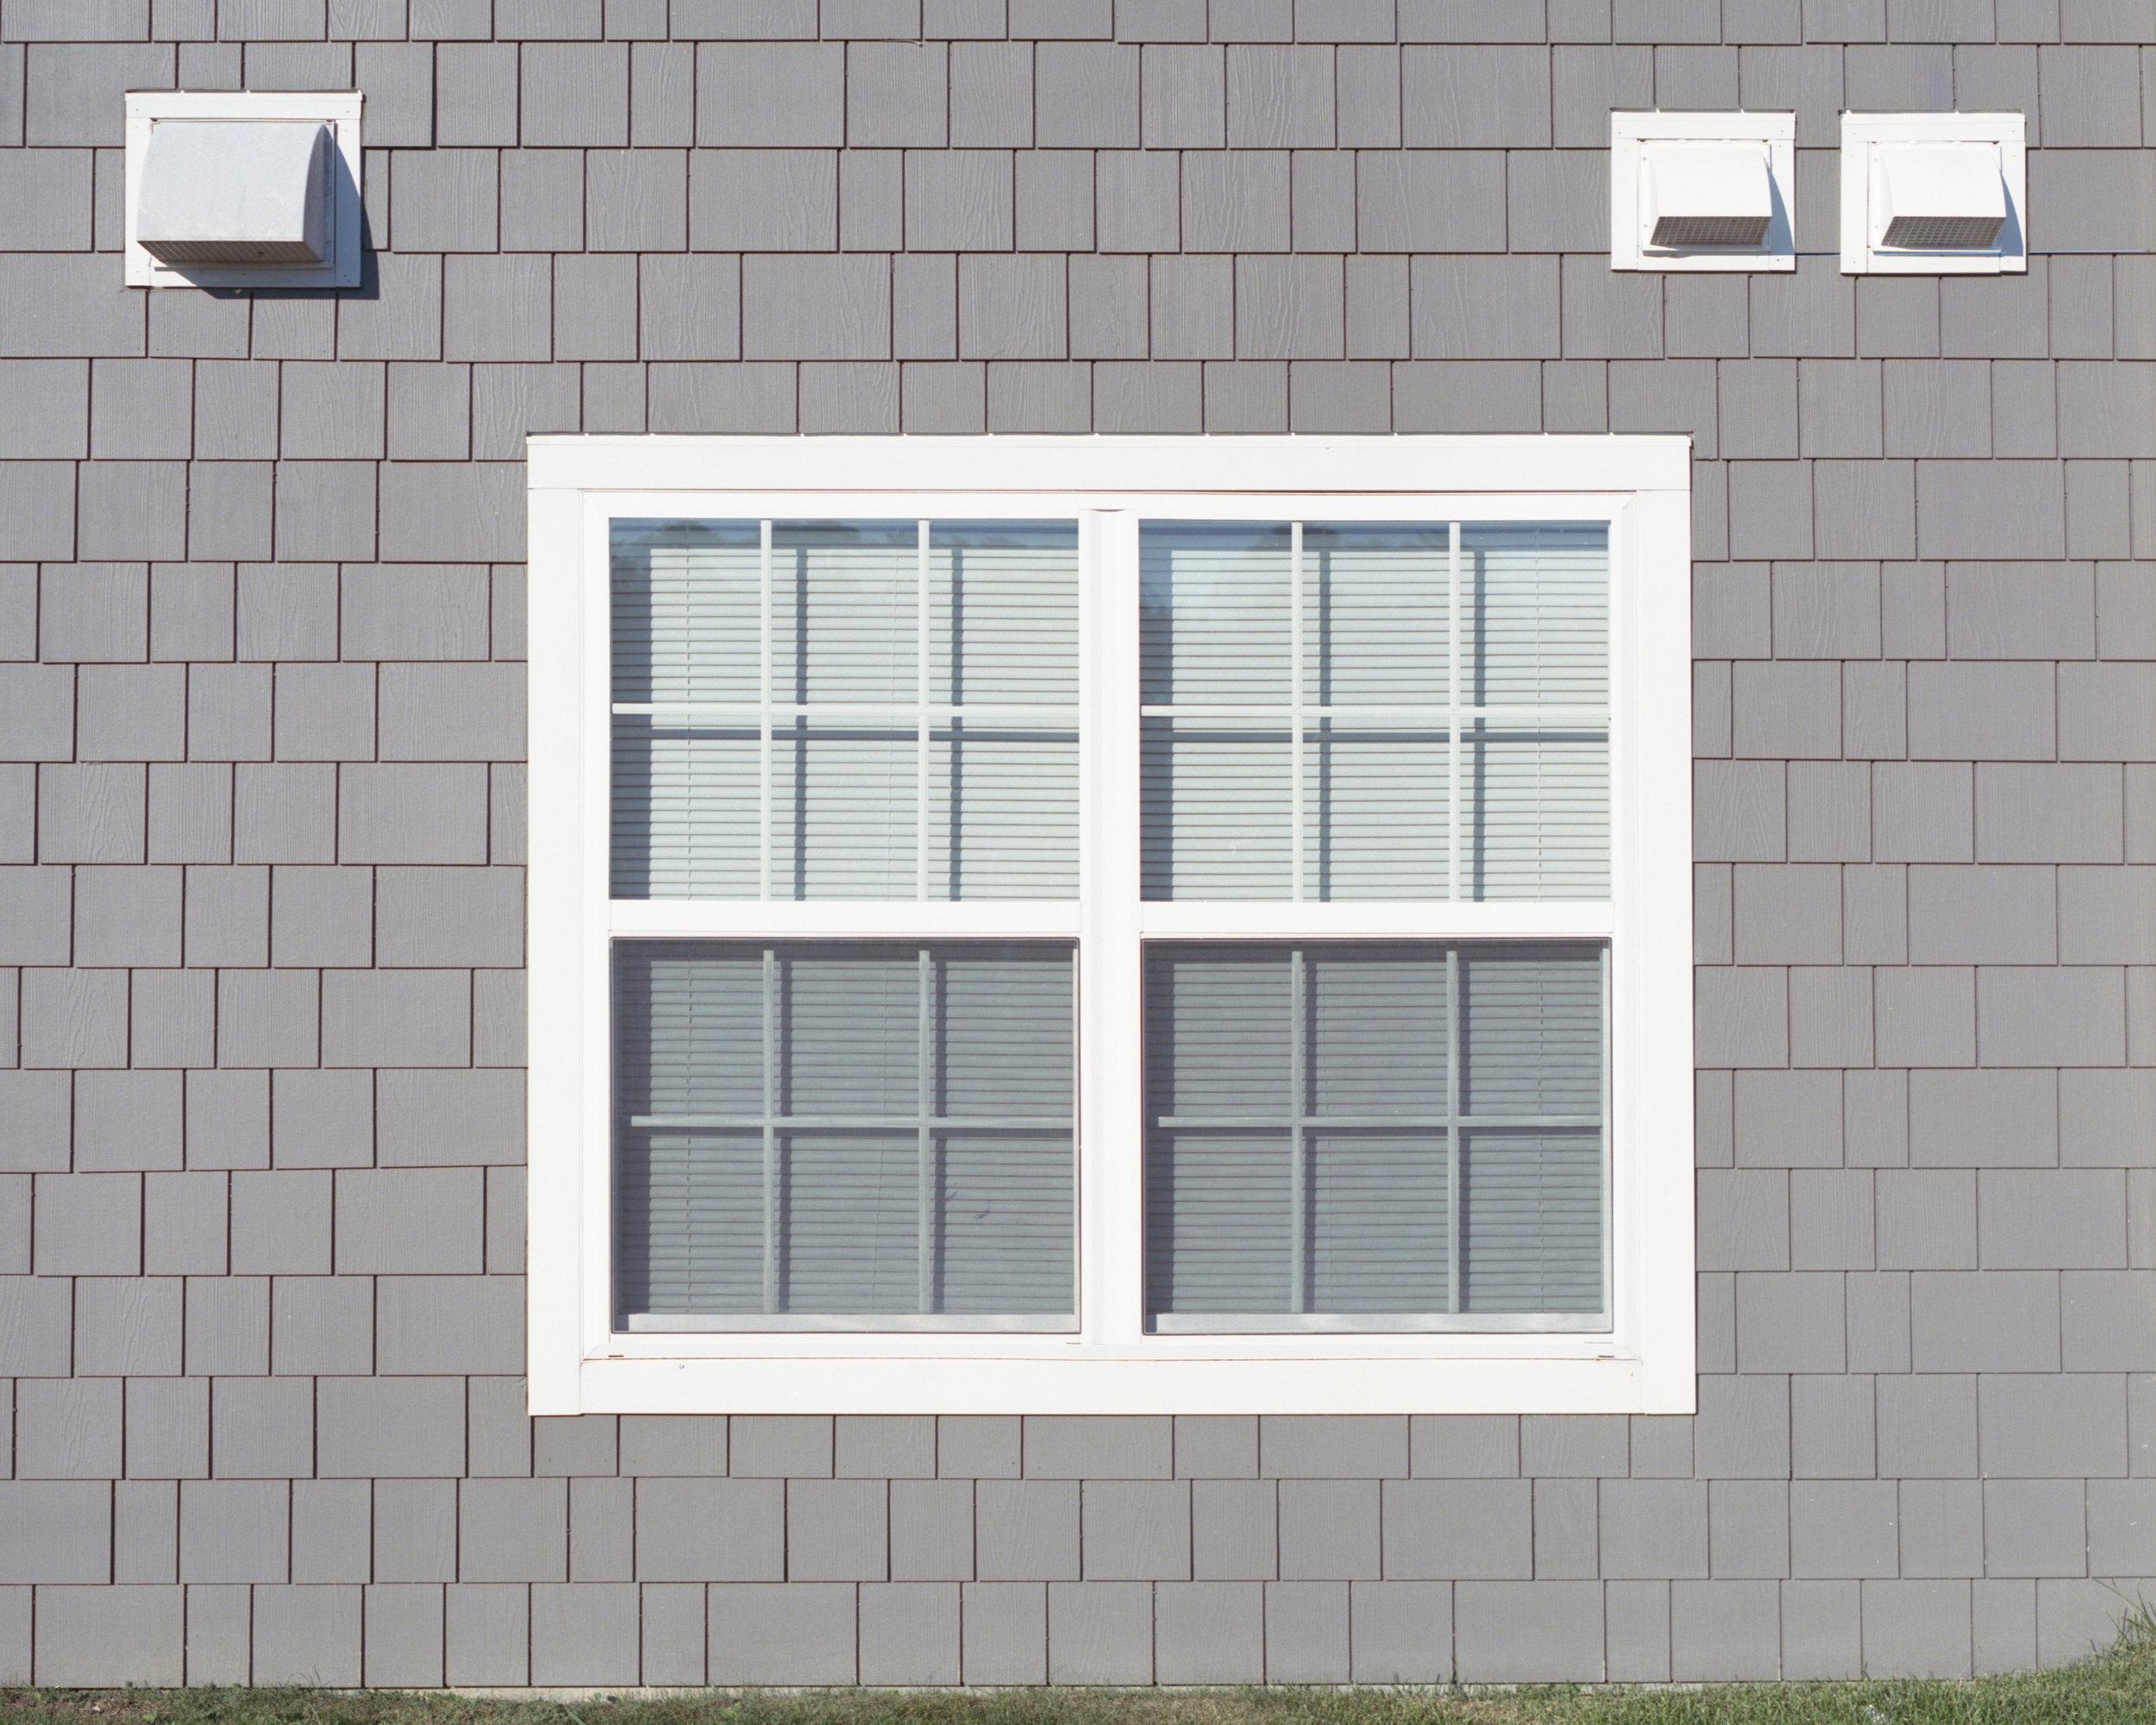 Bedroom Window, 2018